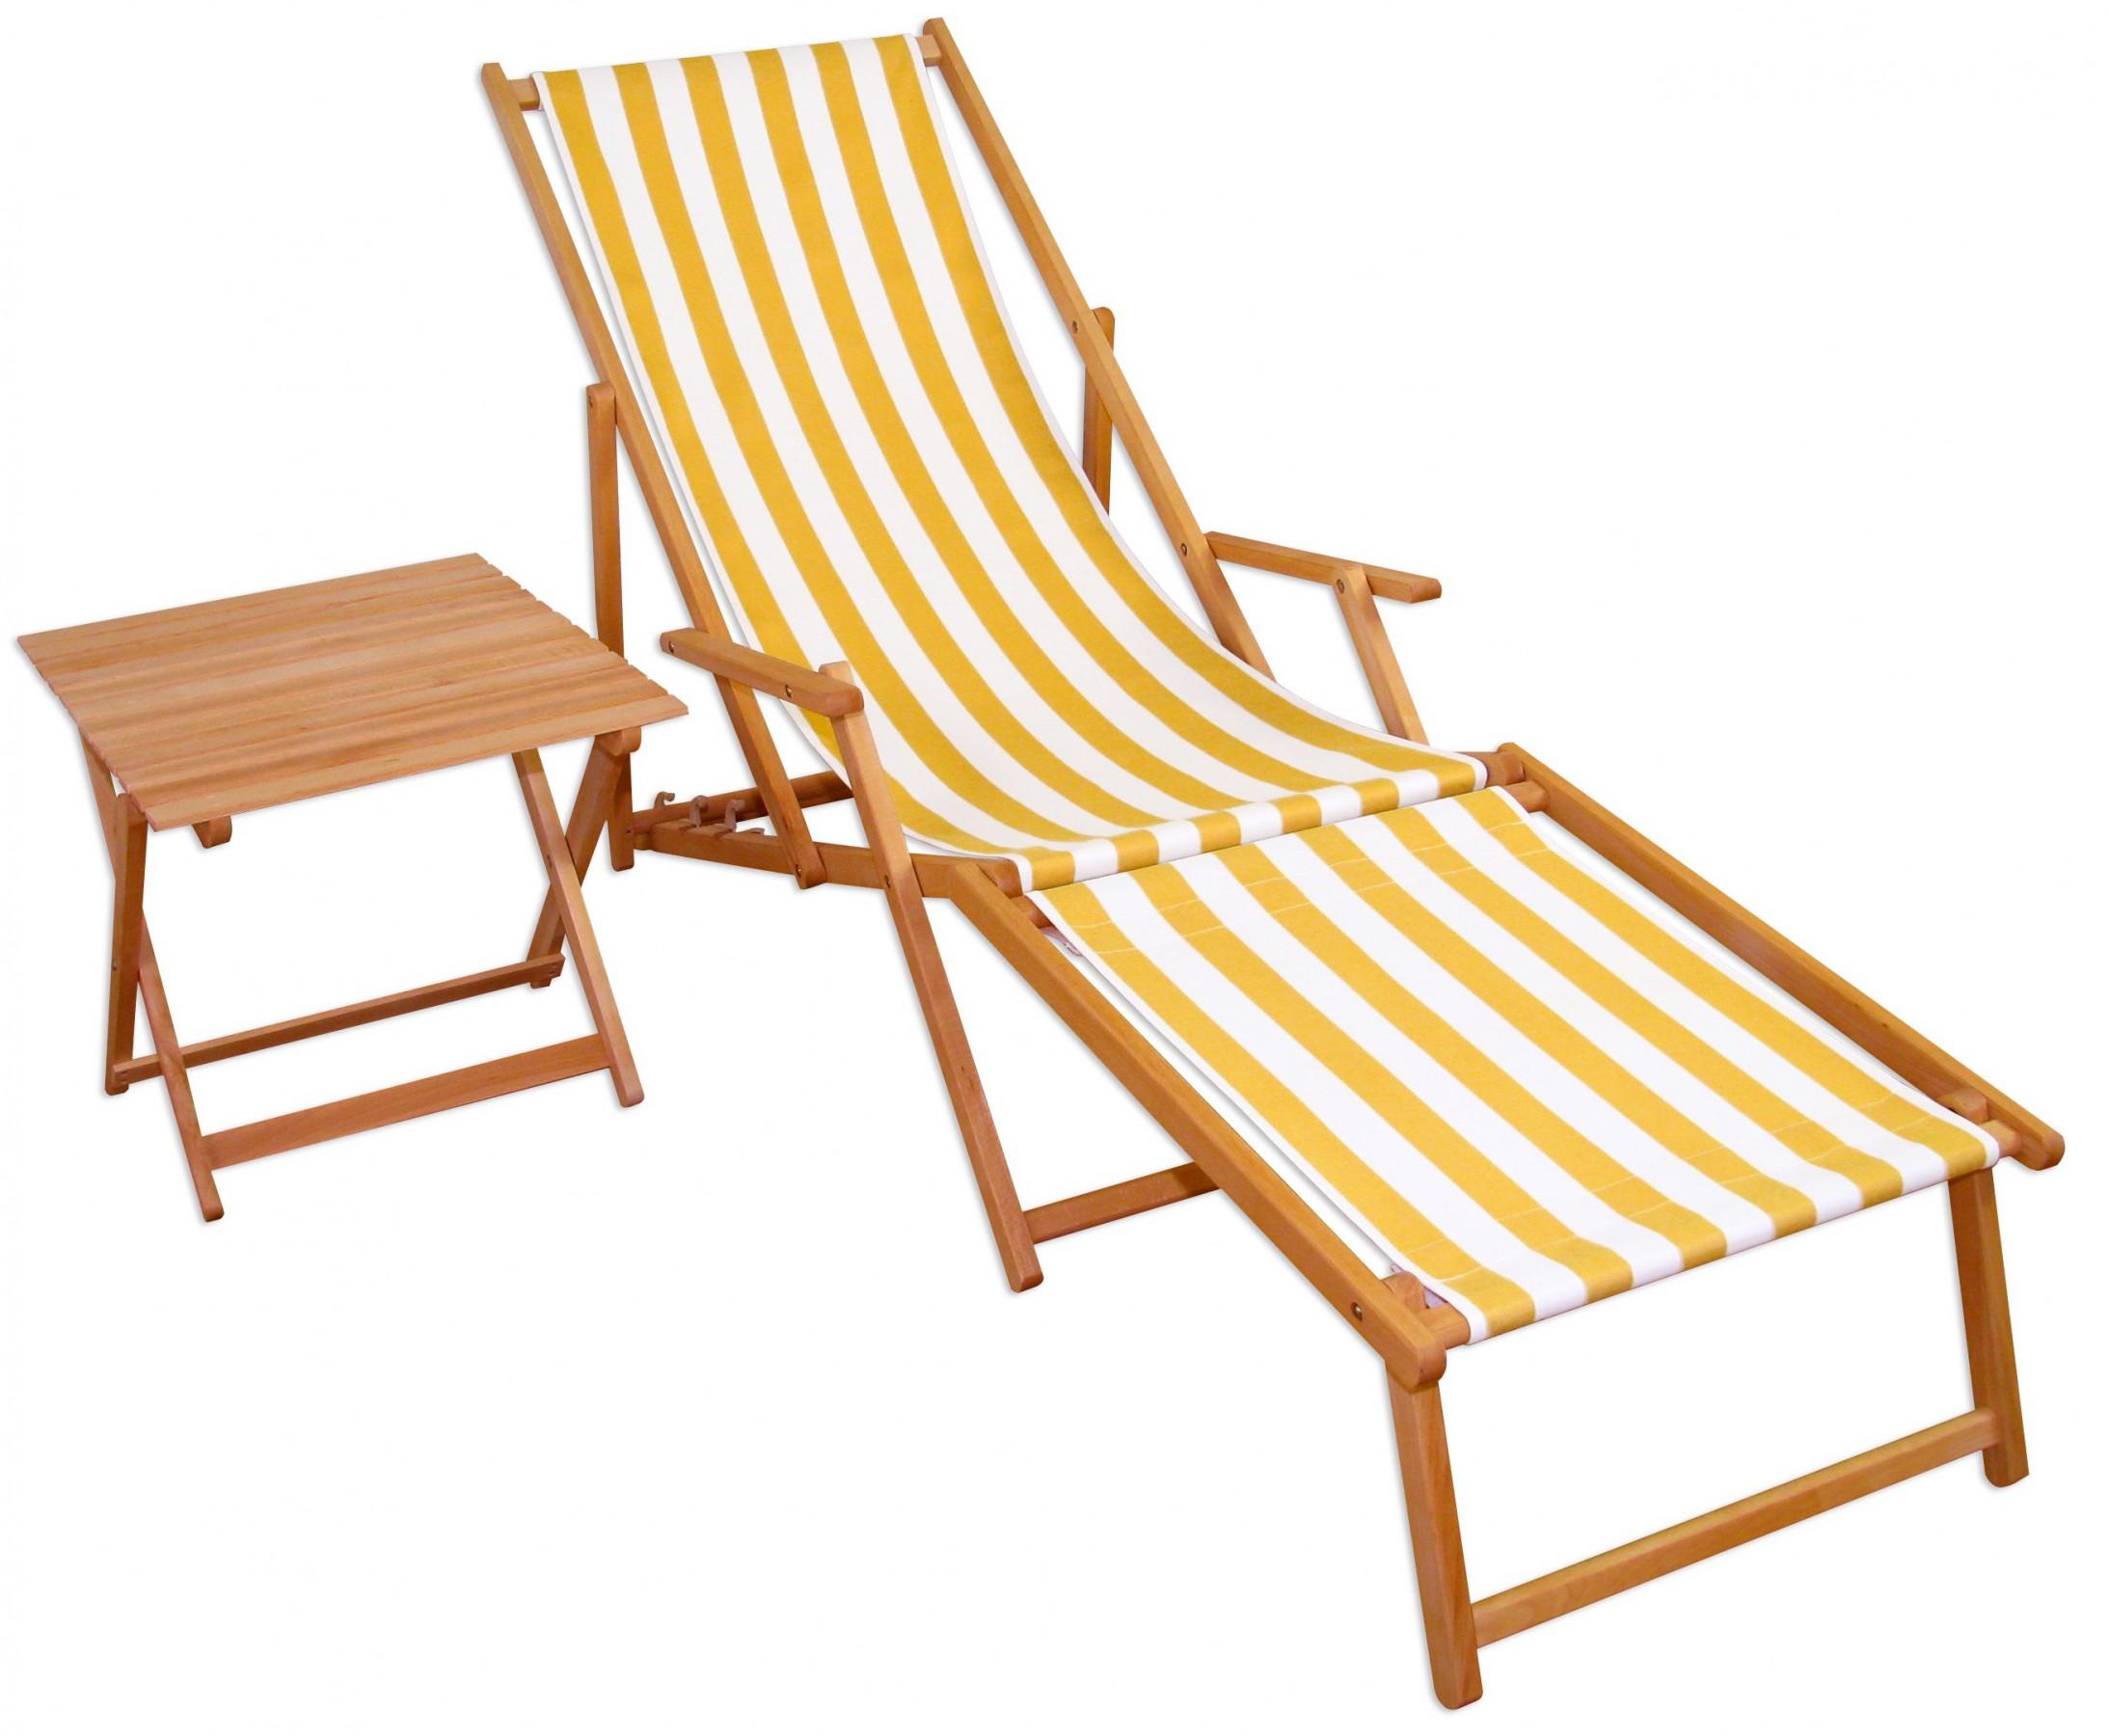 liegestuhl gartenliege gelb wei fu teil tisch holzliege. Black Bedroom Furniture Sets. Home Design Ideas